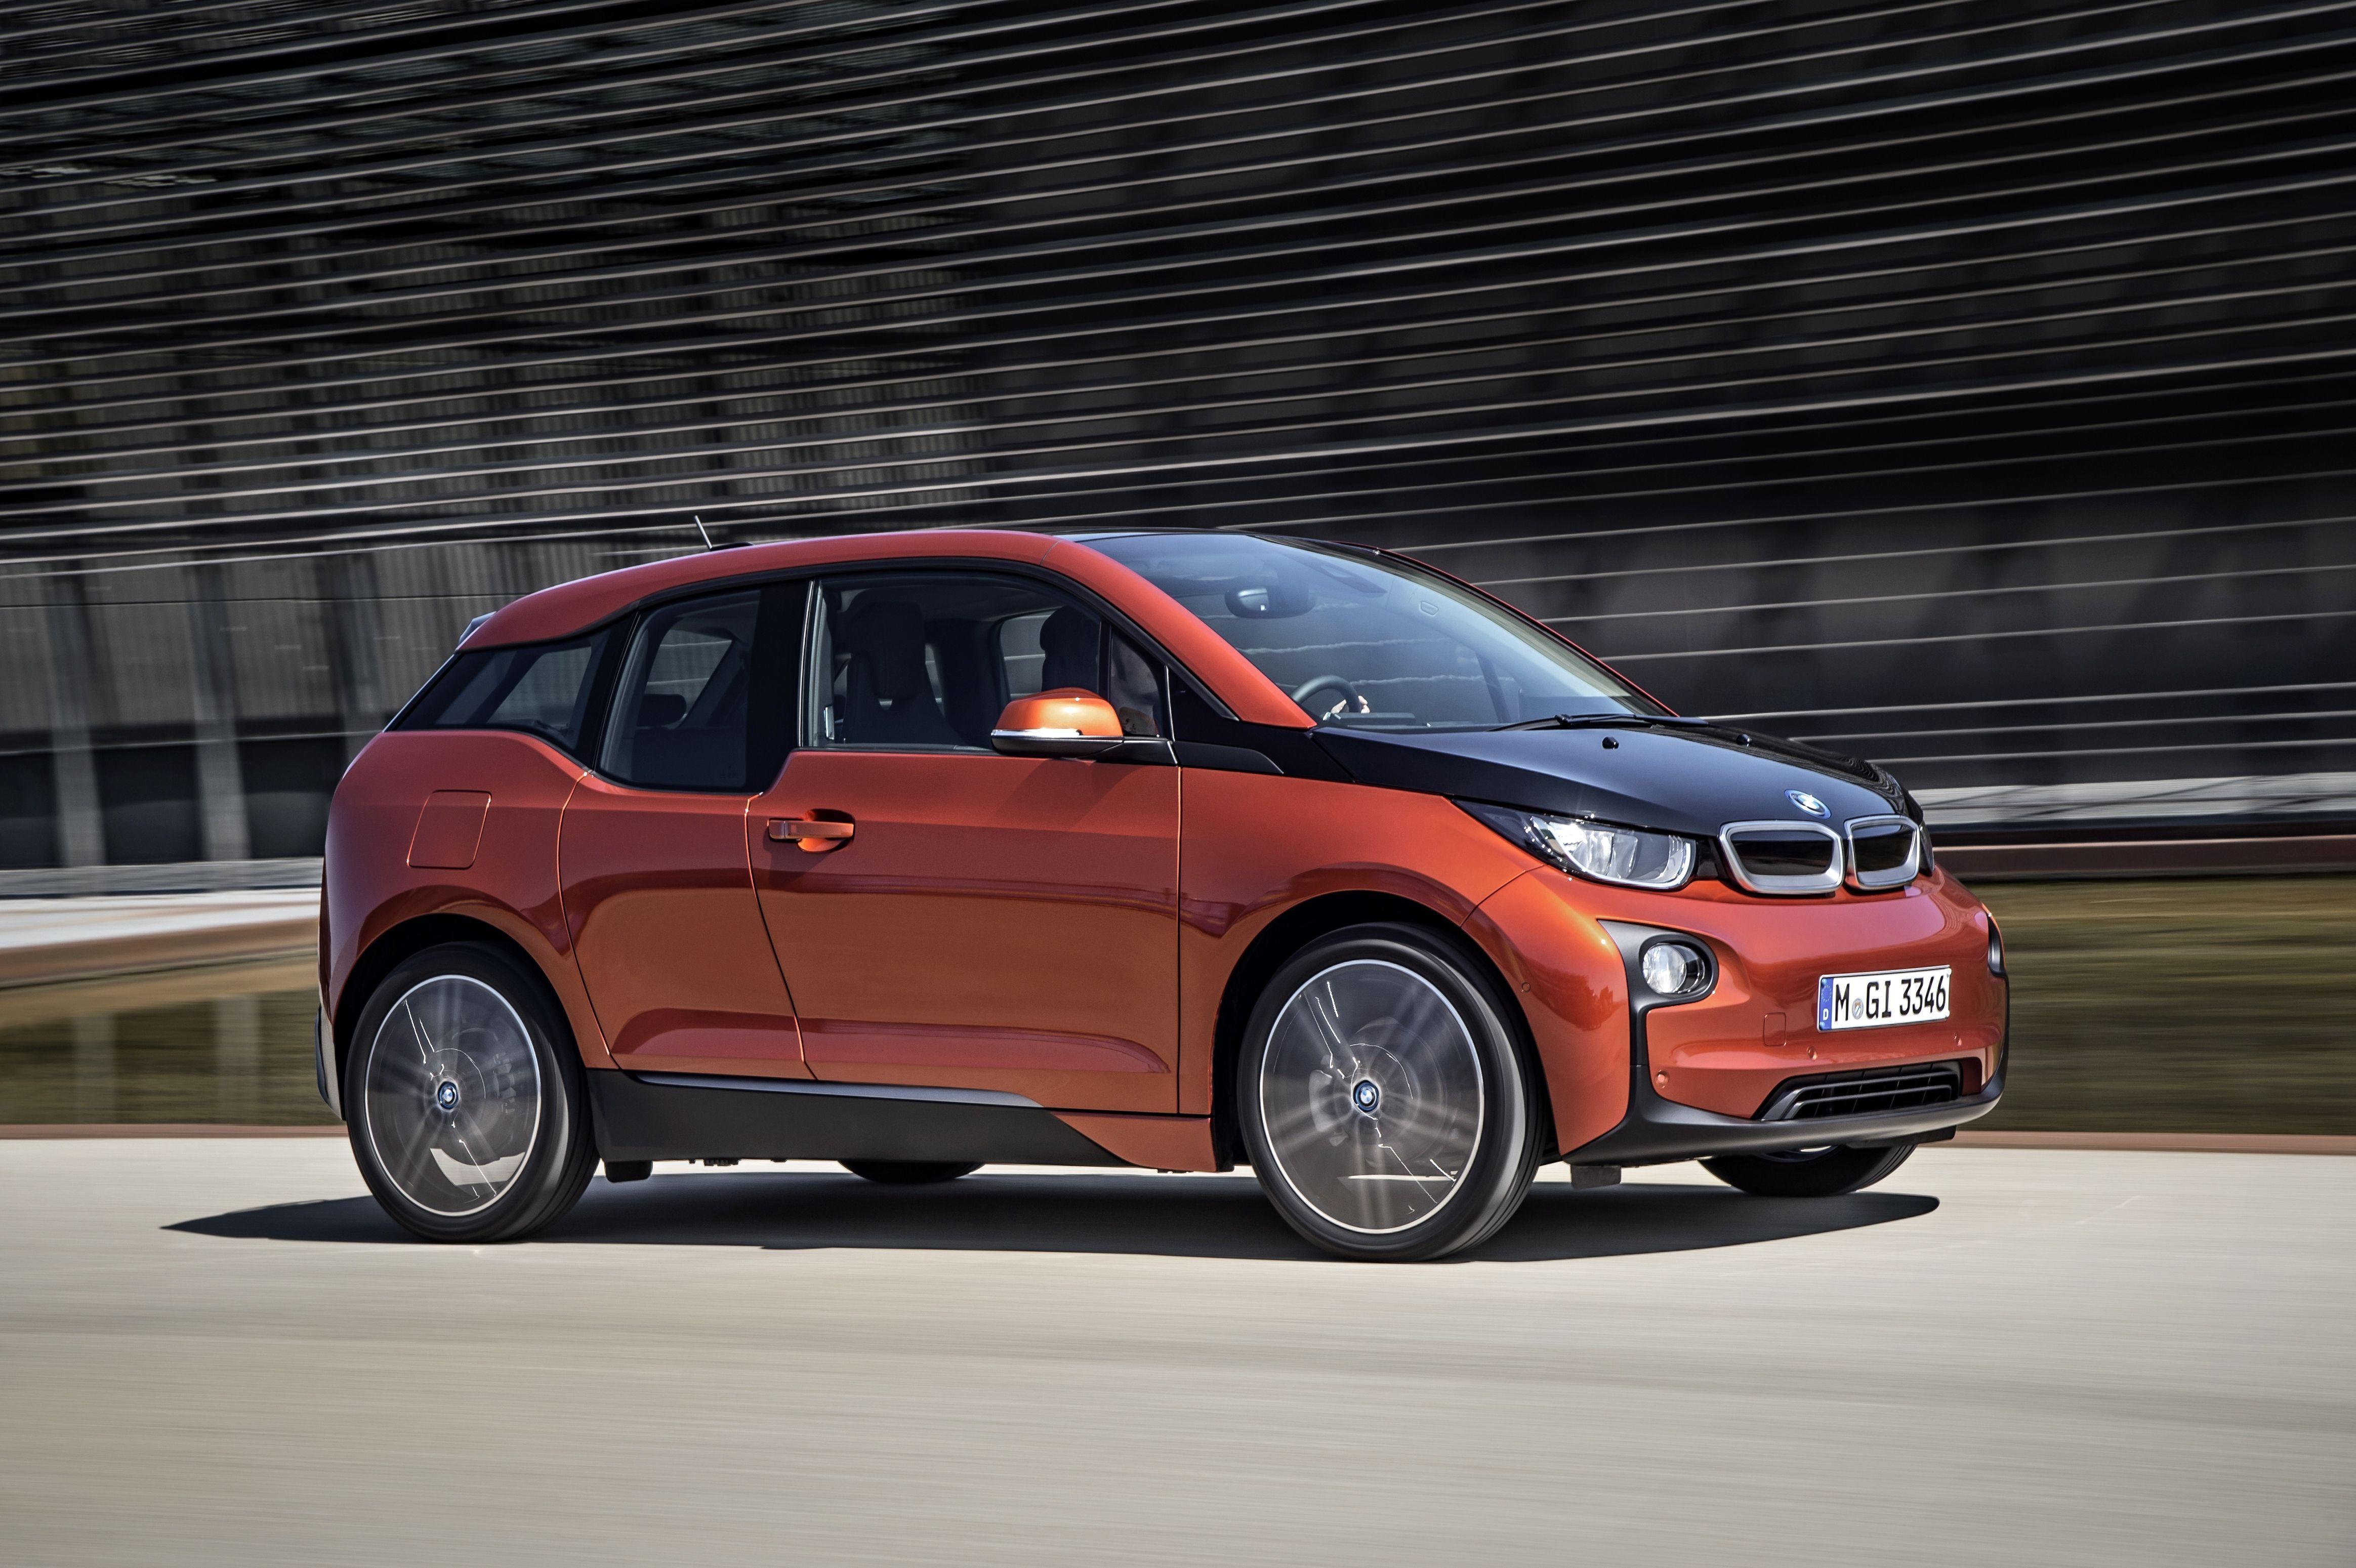 Presentación mundial del coche eléctrico BMW i3 en Nueva York, Londres y Pekín